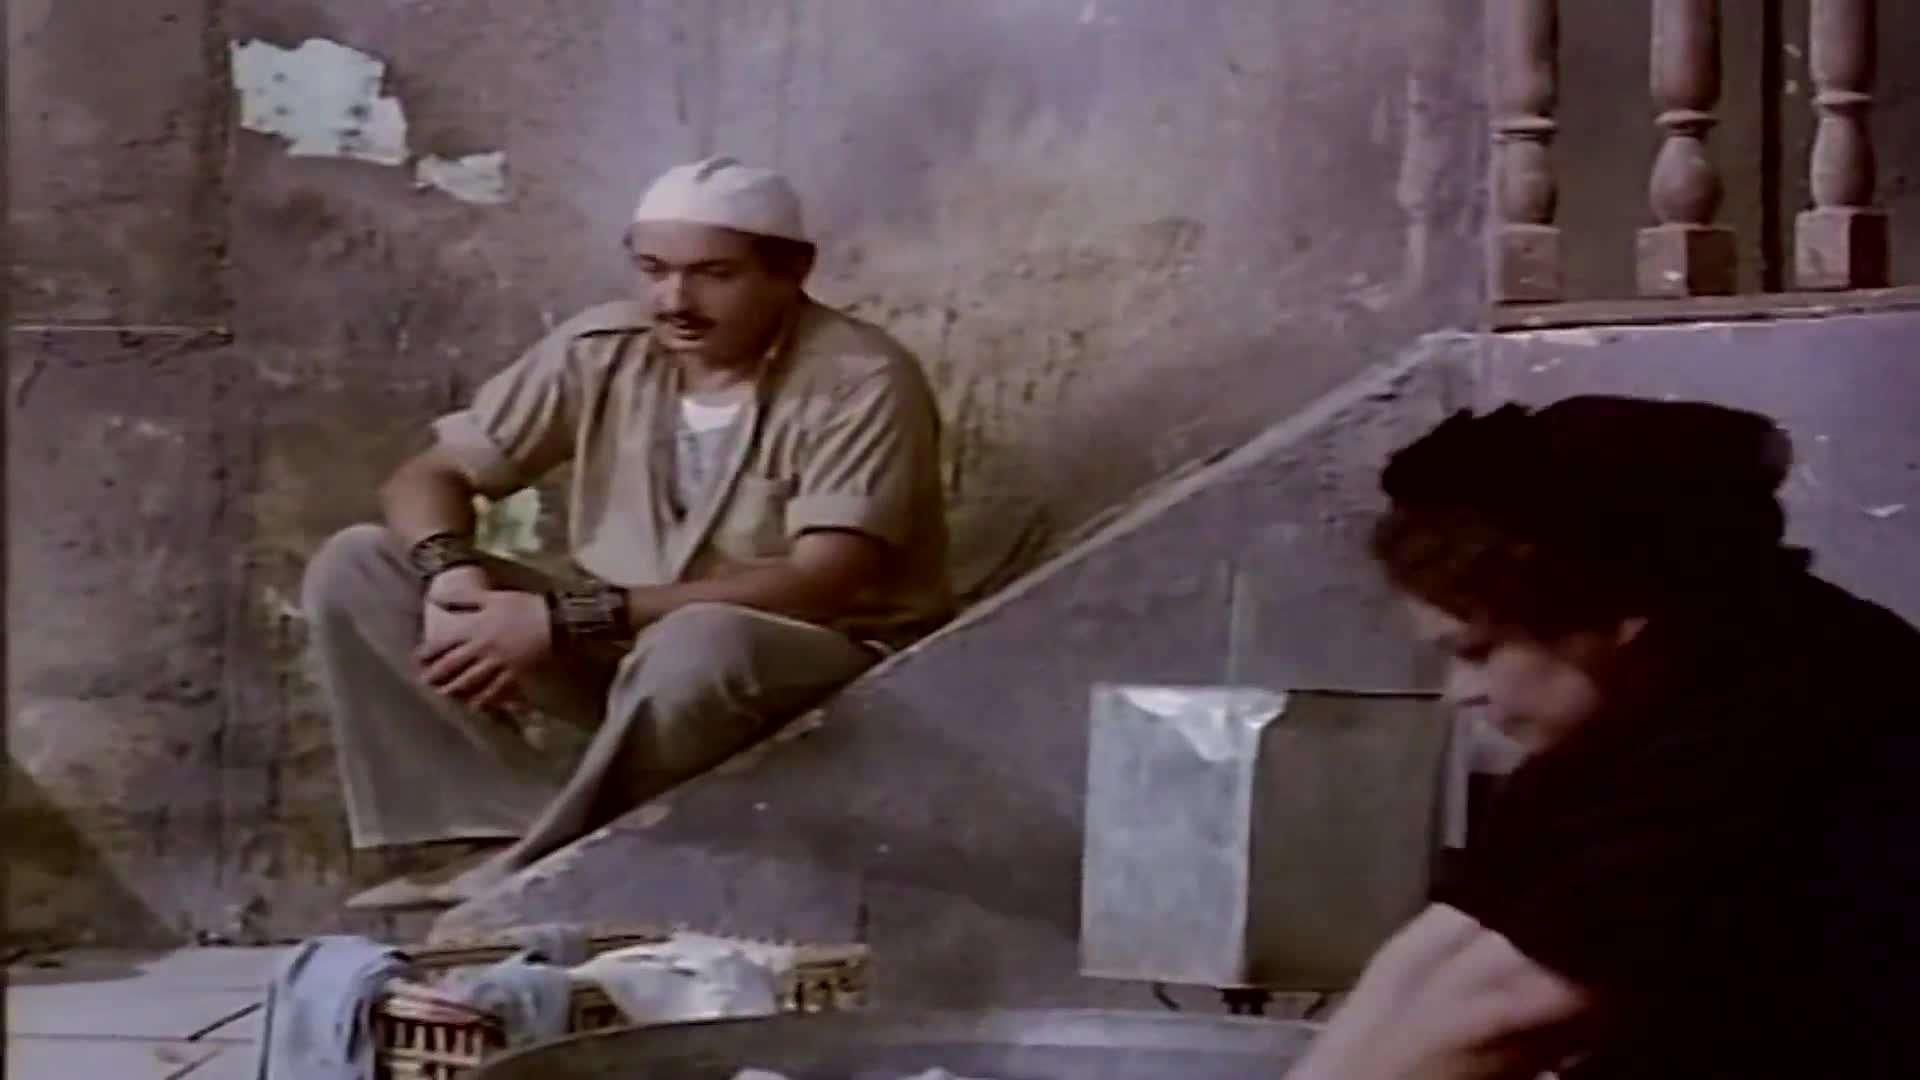 [فيلم][تورنت][تحميل][الشيطان يعظ][1981][1080p][Web-DL] 6 arabp2p.com